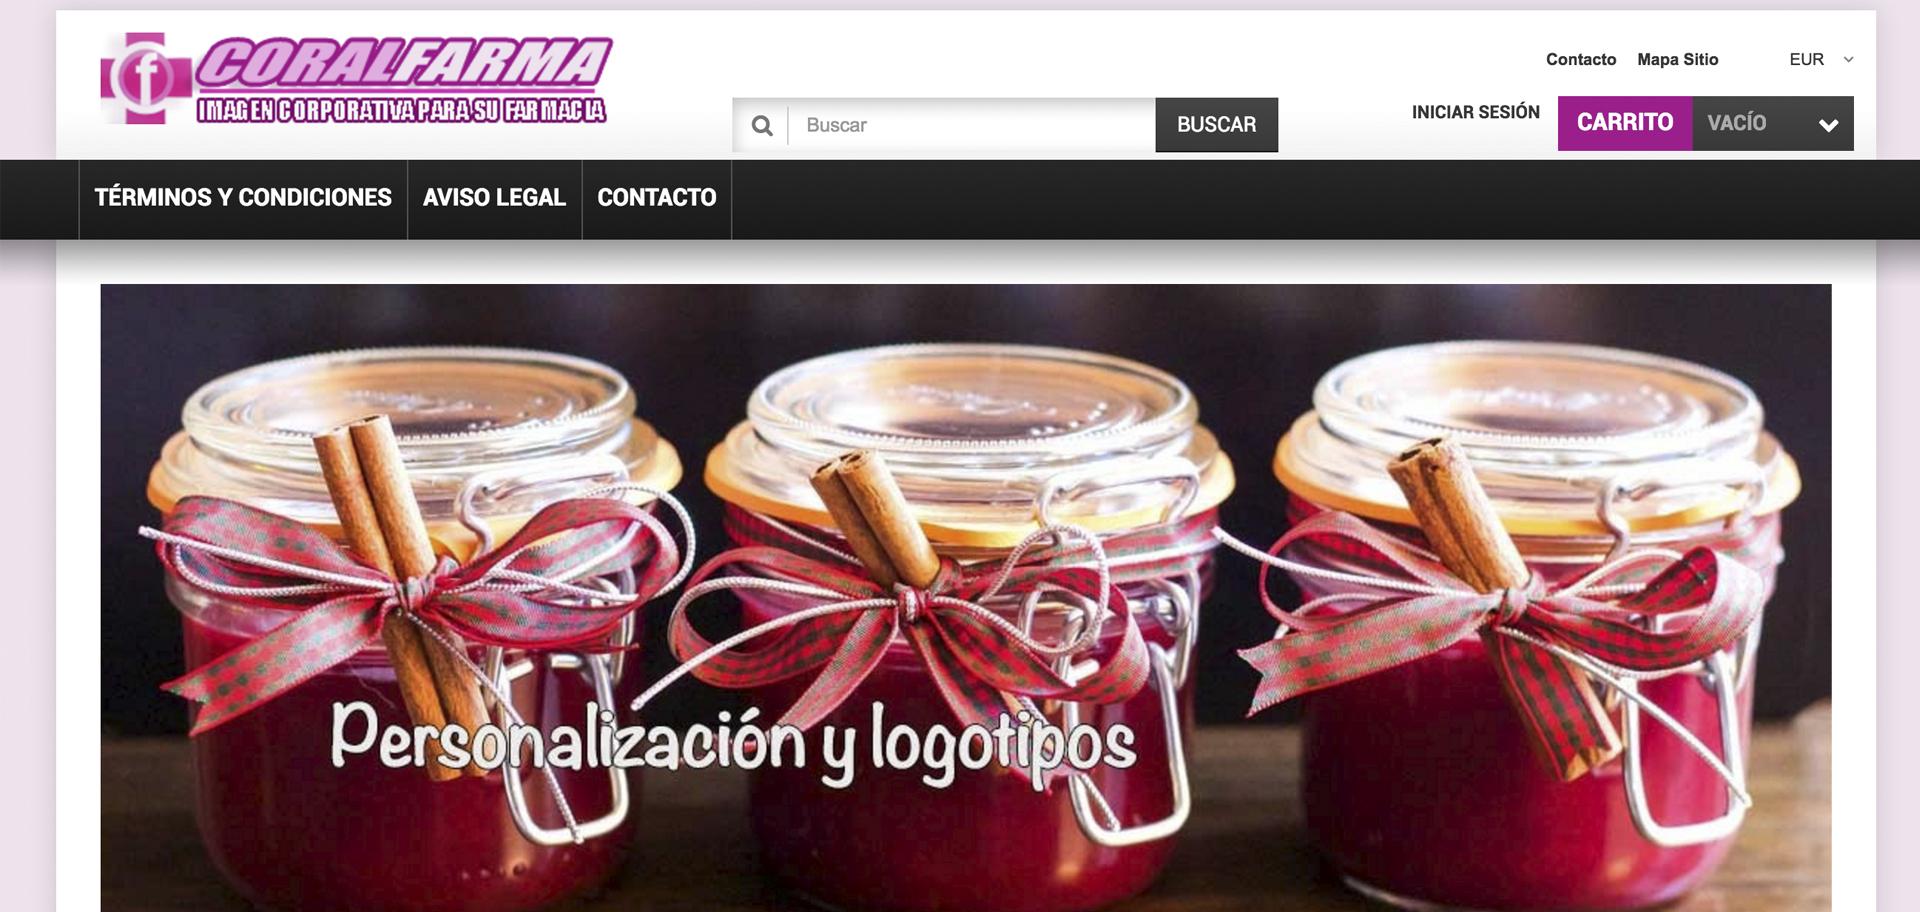 web corporativa de coralfarma diseñada por xeral.net